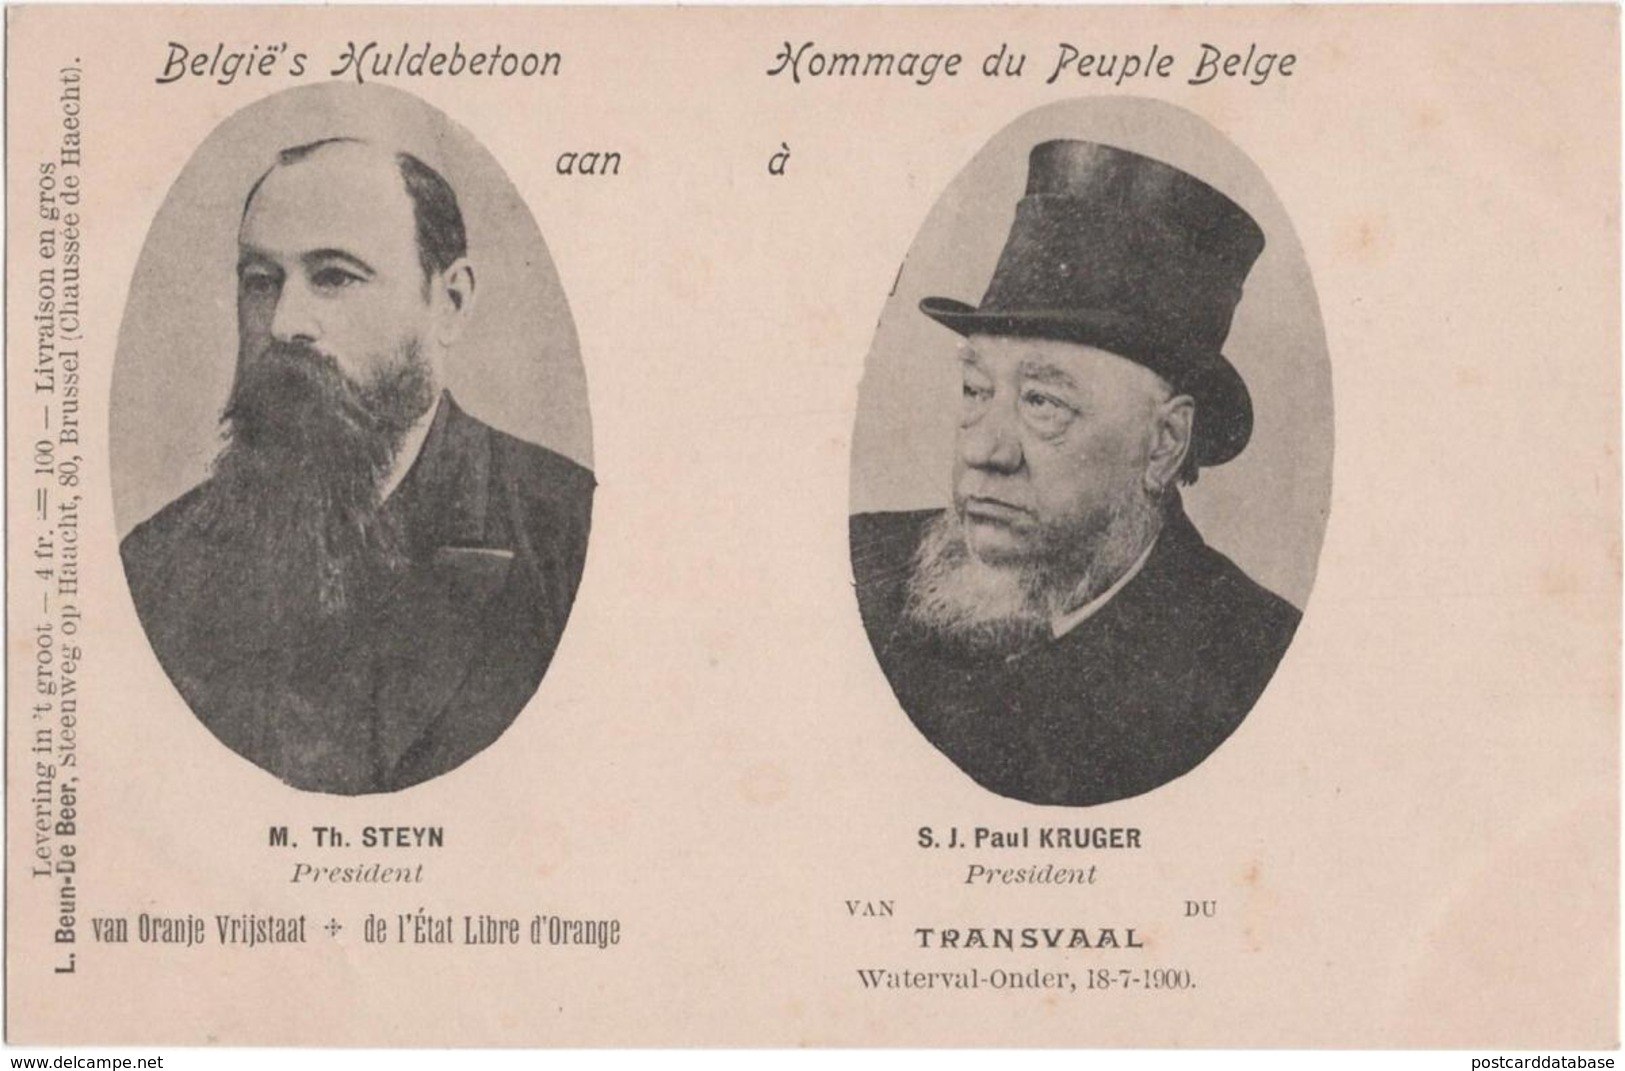 België\'s Huldebetoon - Hommage Du Peuple Belge - Aan à M. Th. Steyn - S. J. Paul Kruger - Transvaal - South Africa